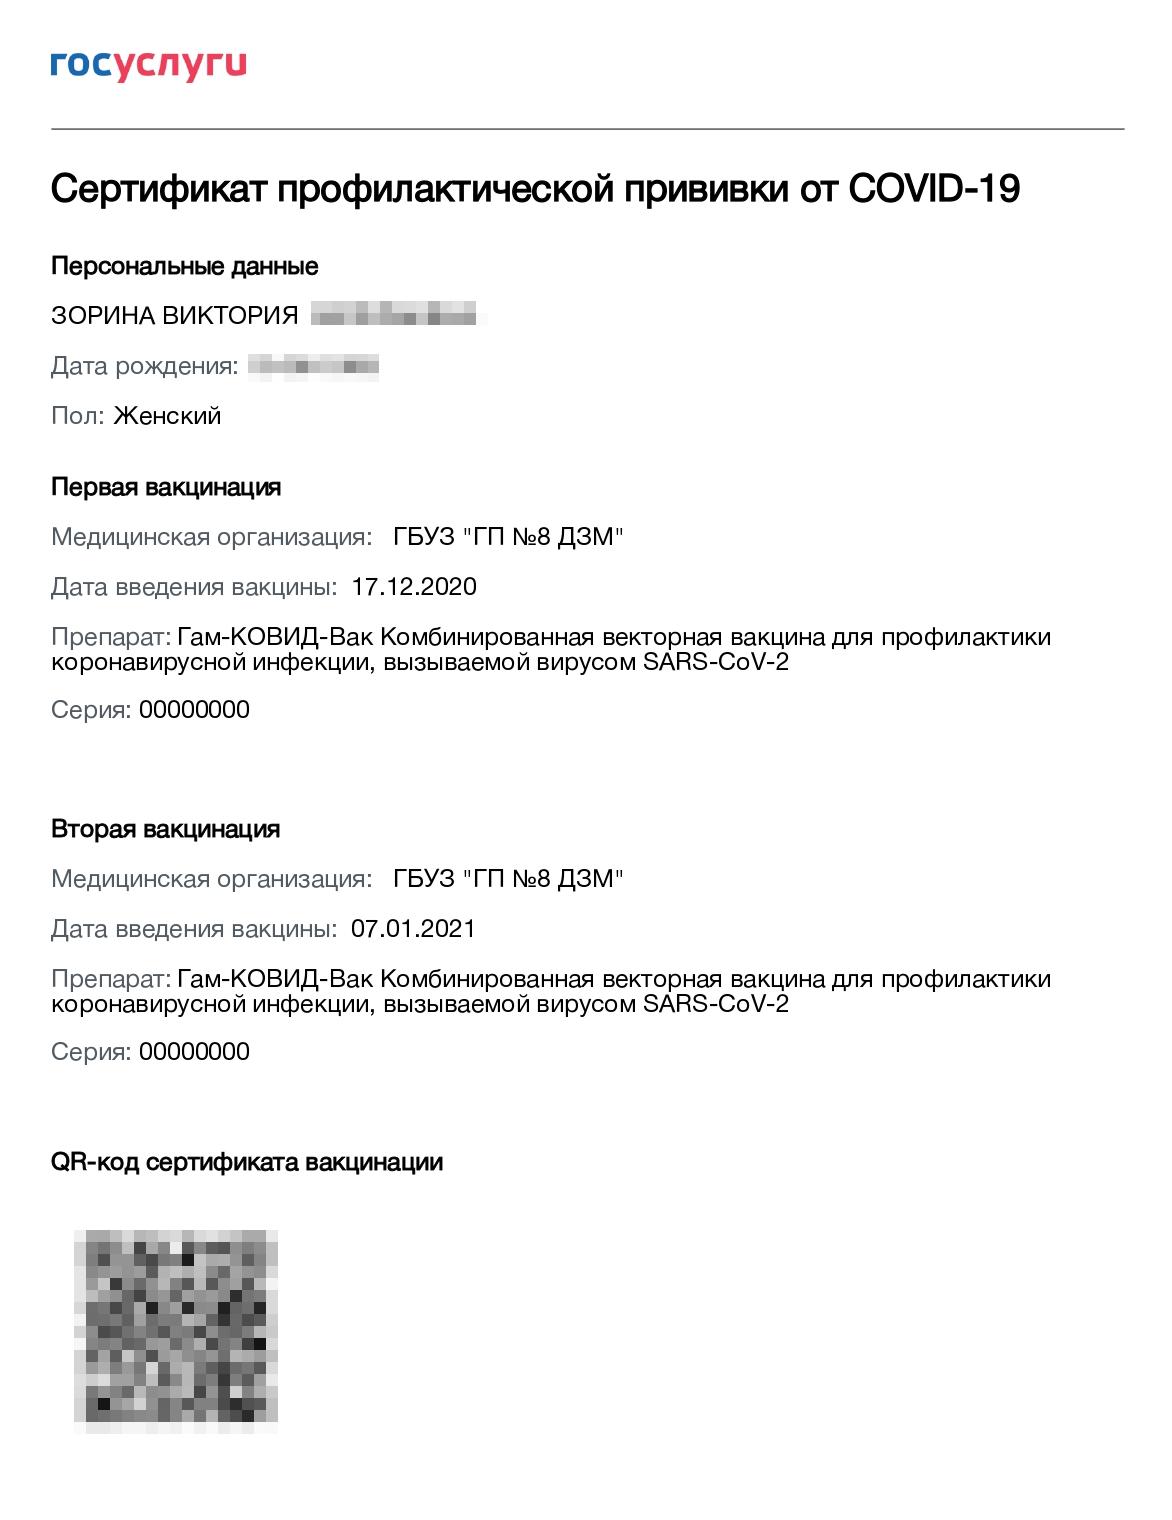 Такой сертификат о вакцинации положен всем жителям России, сделавшим две прививки от коронавируса и зарегистрированным на госуслугах